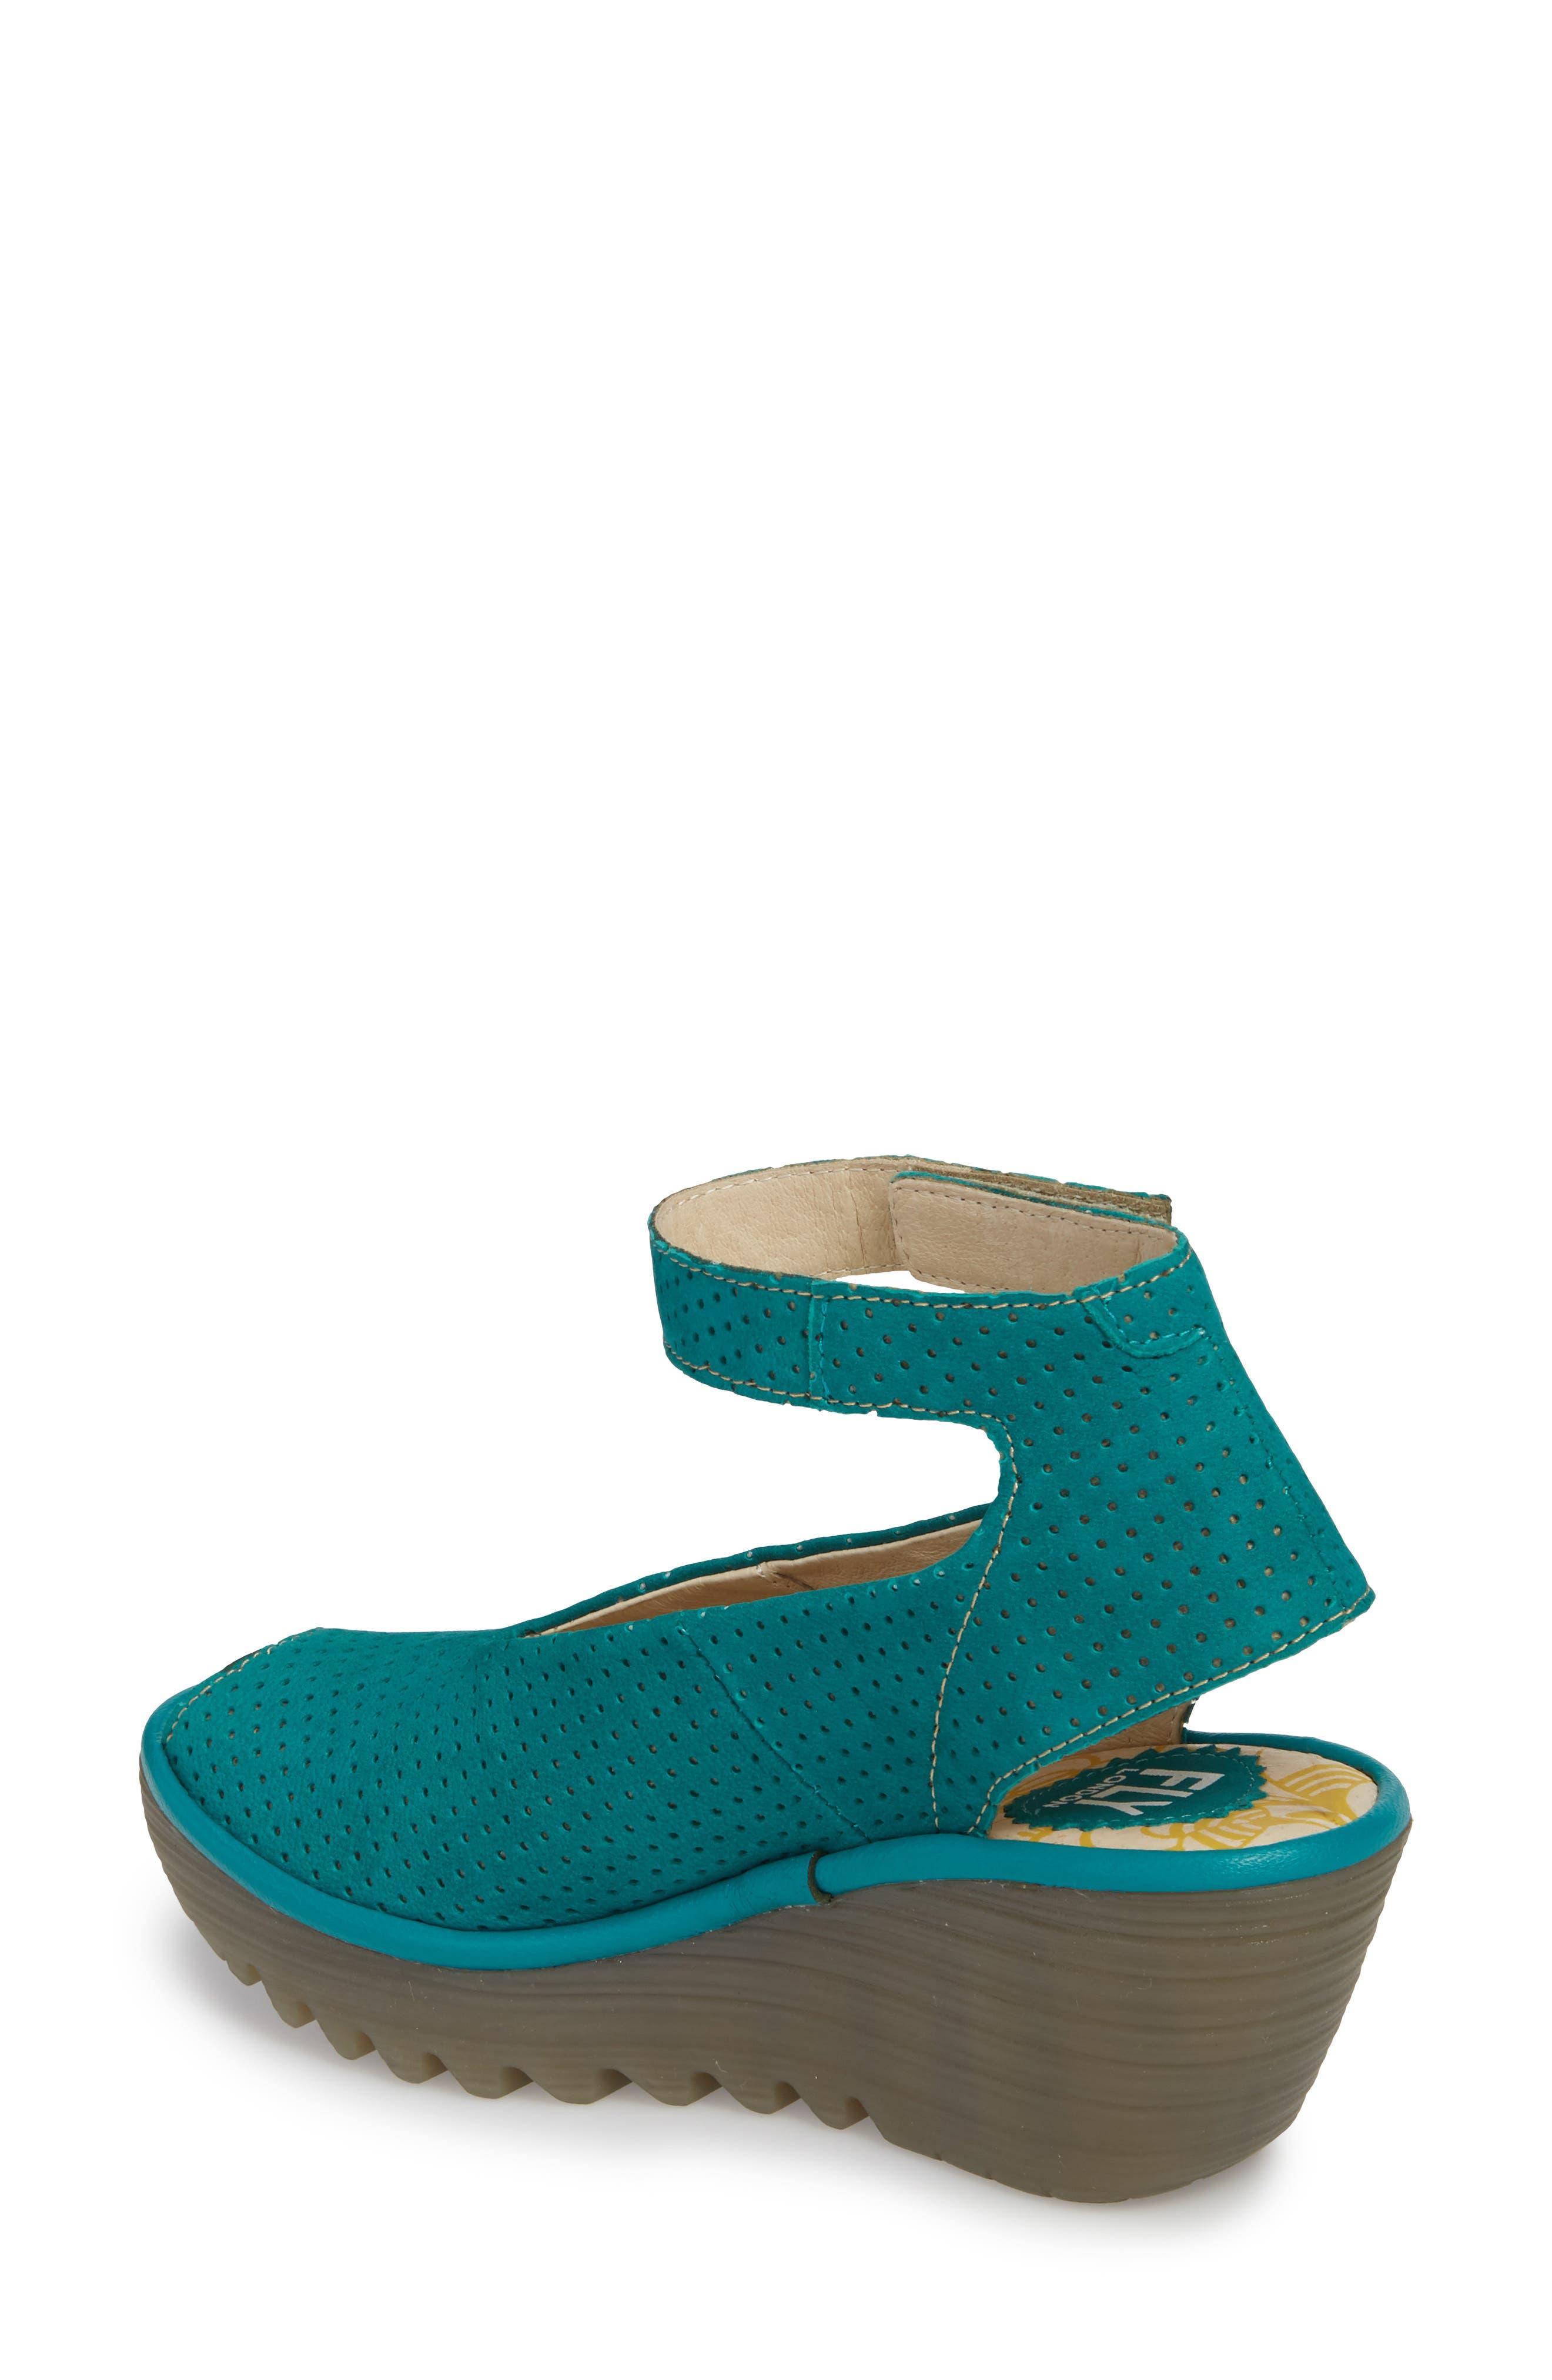 Alternate Image 2  - Fly London 'Yala' Perforated Leather Sandal